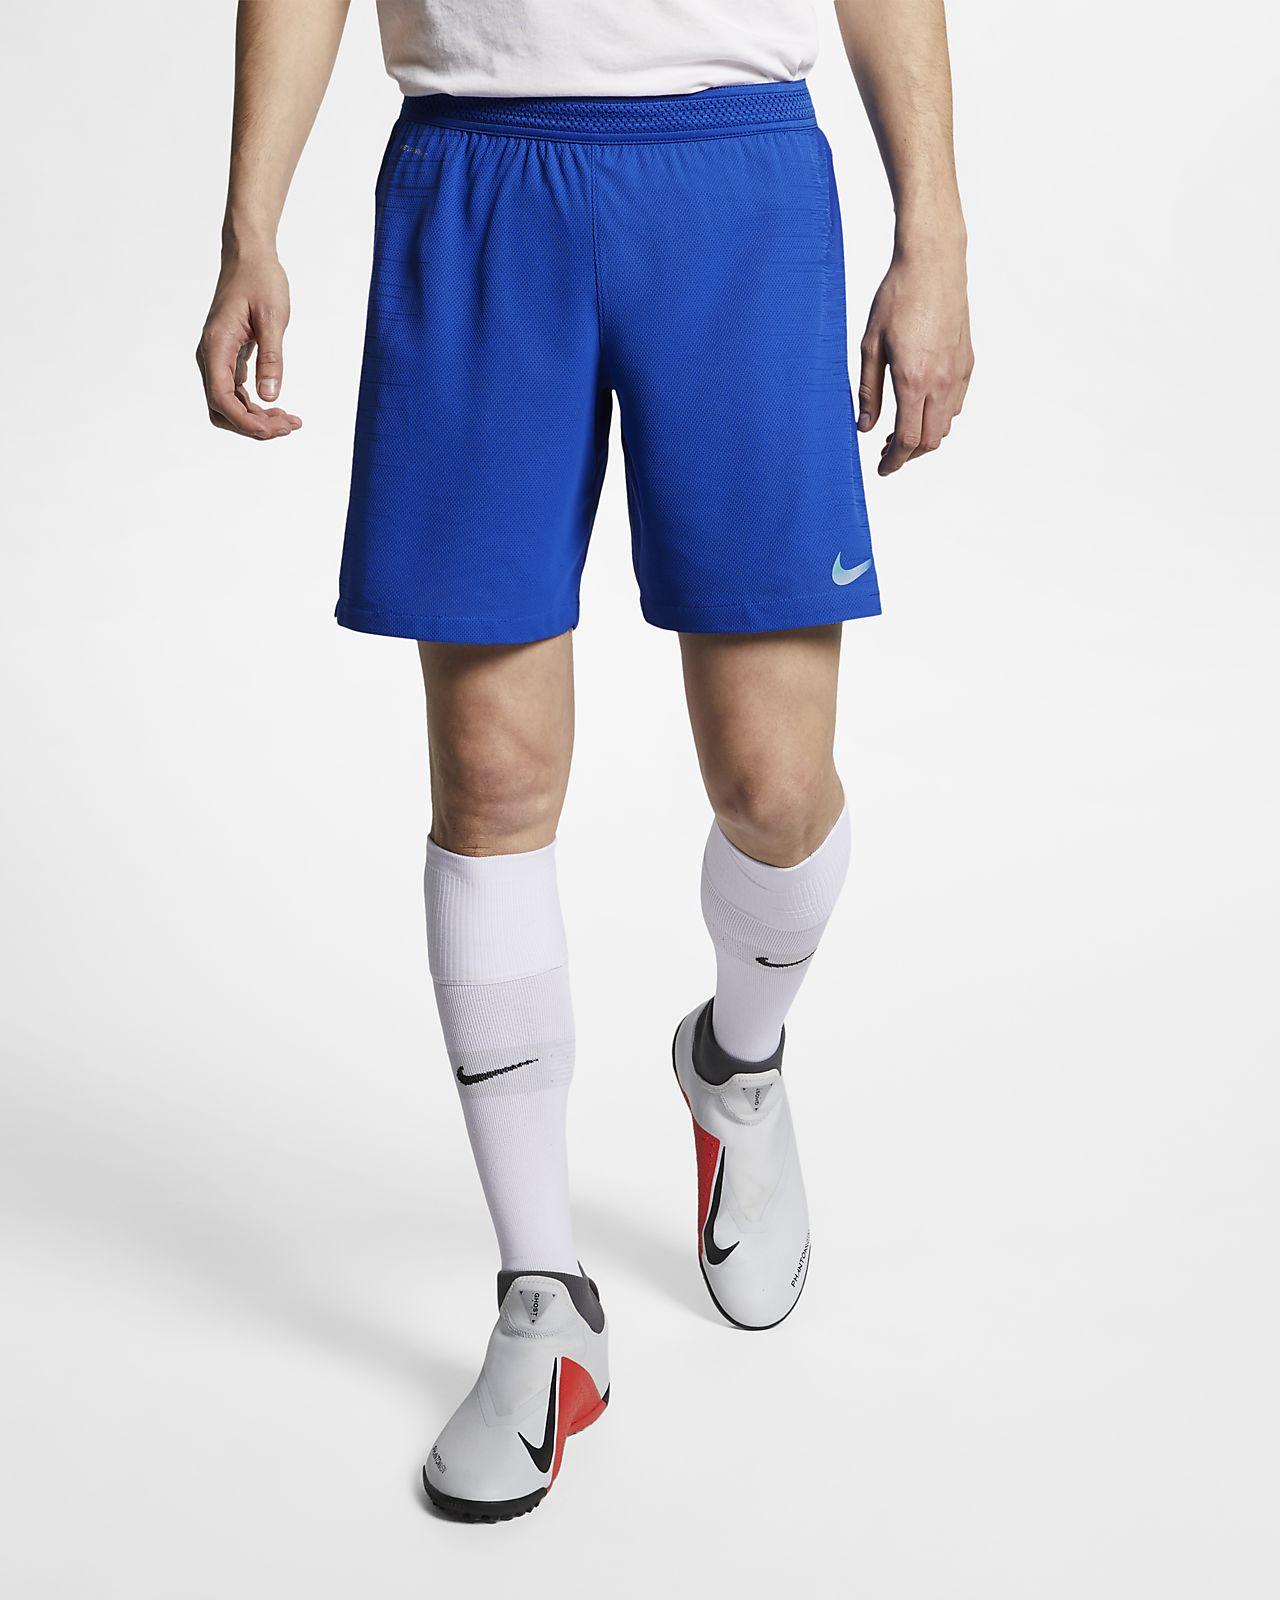 Nike VaporKnit Strike Herren-Fußballshorts